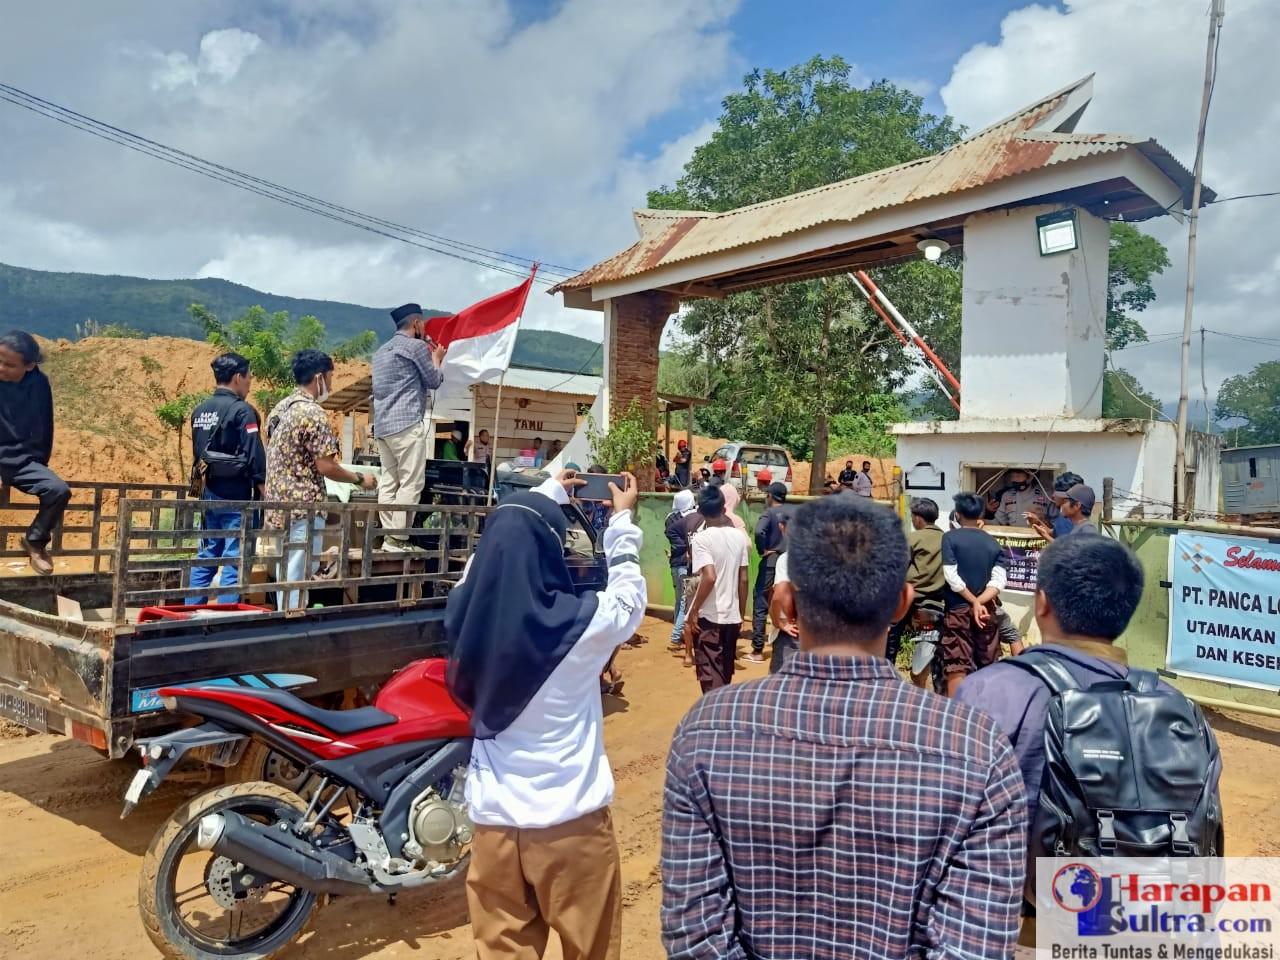 Aksi Demonstrasi Himppewa di Depan Gerbang PT. PLM